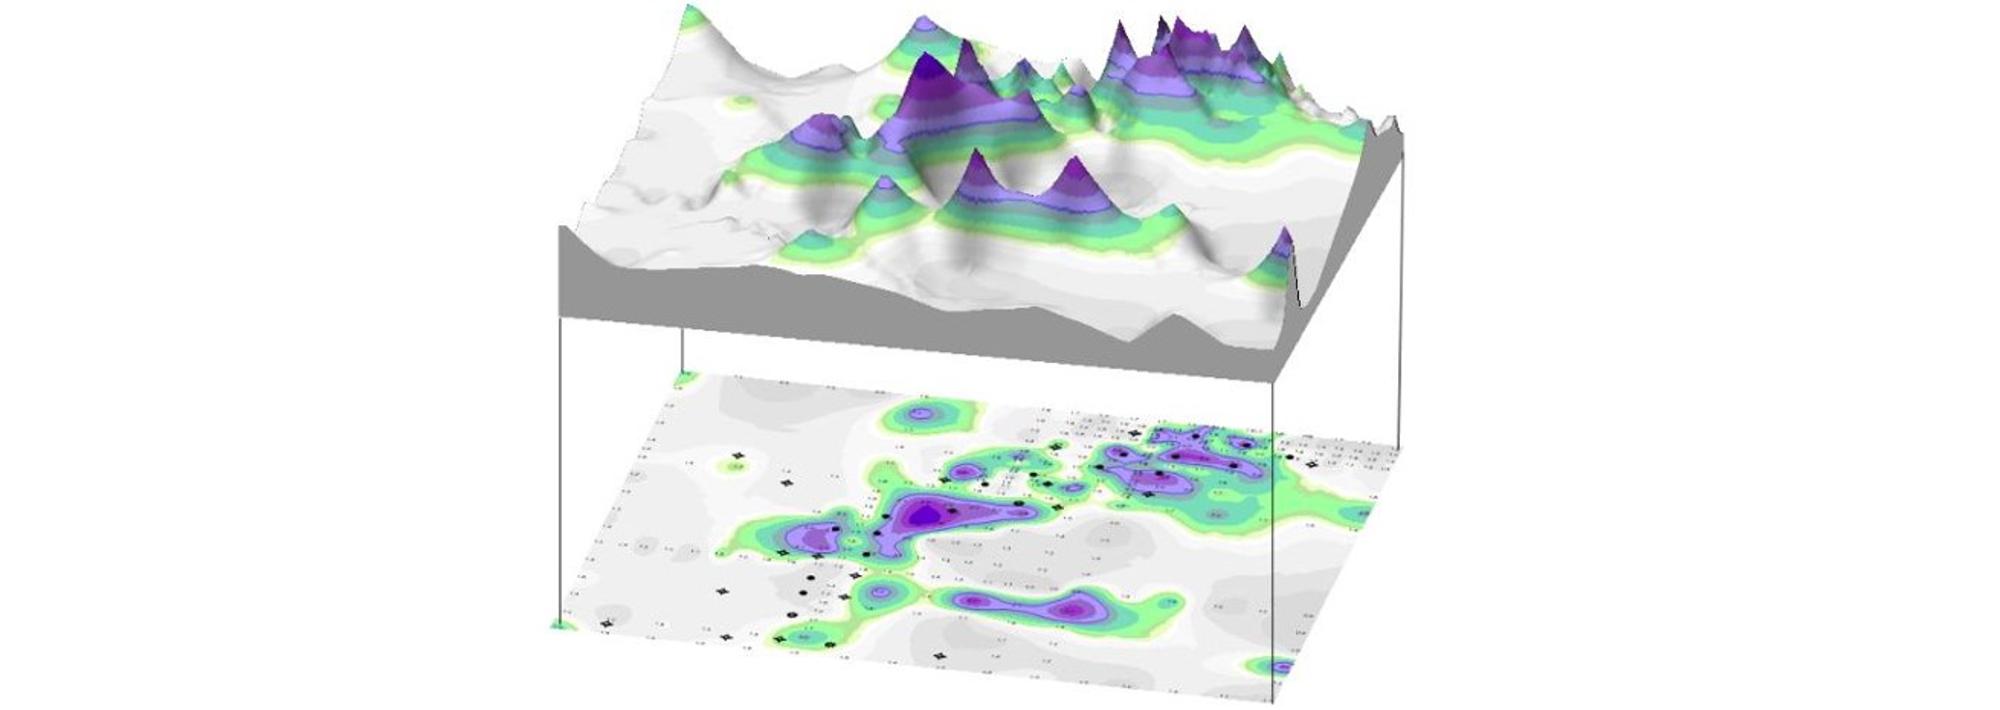 Iodine Geochemical Surveys